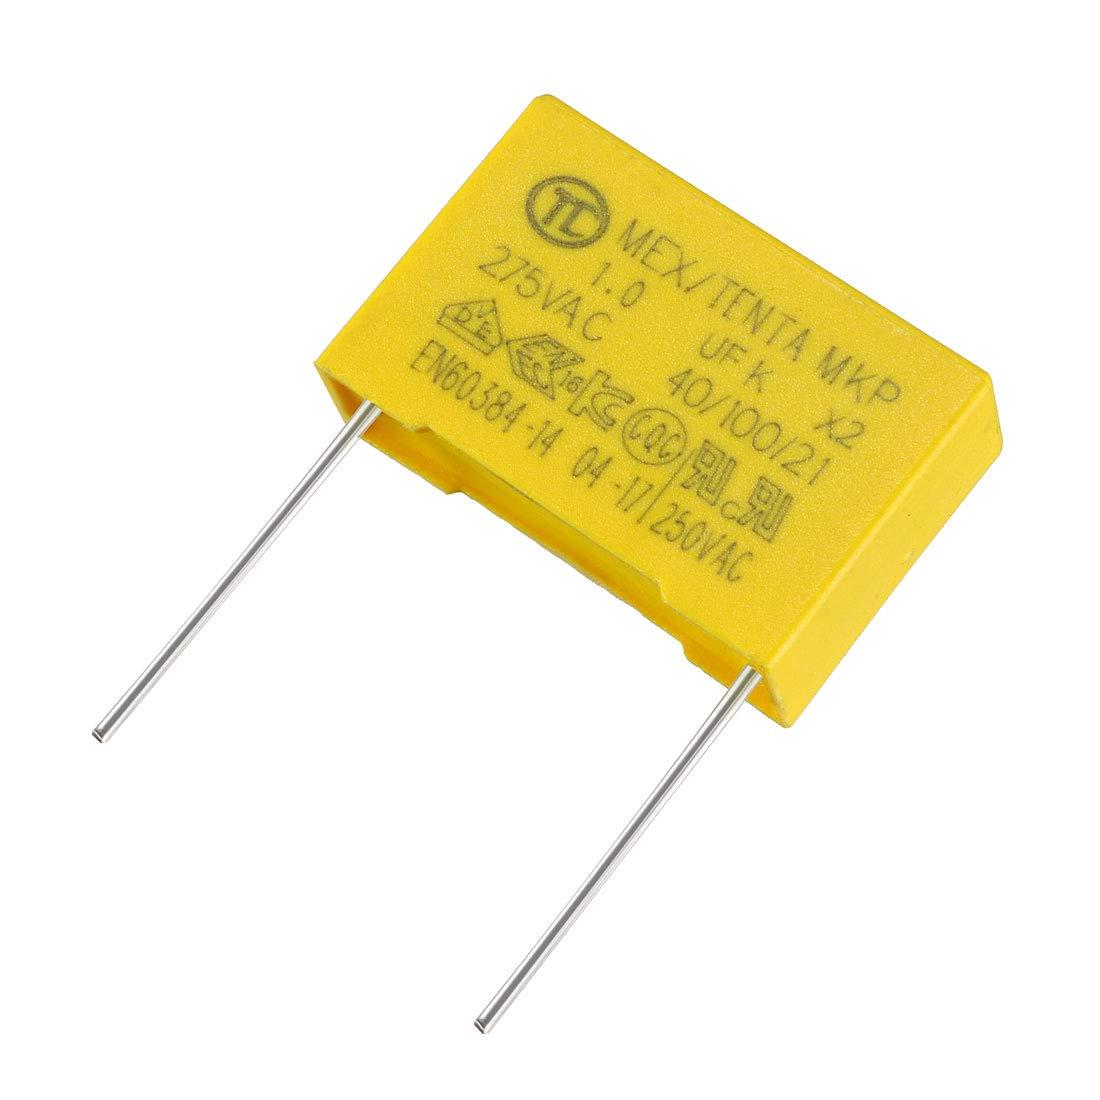 1uf 275vac X type capacitor